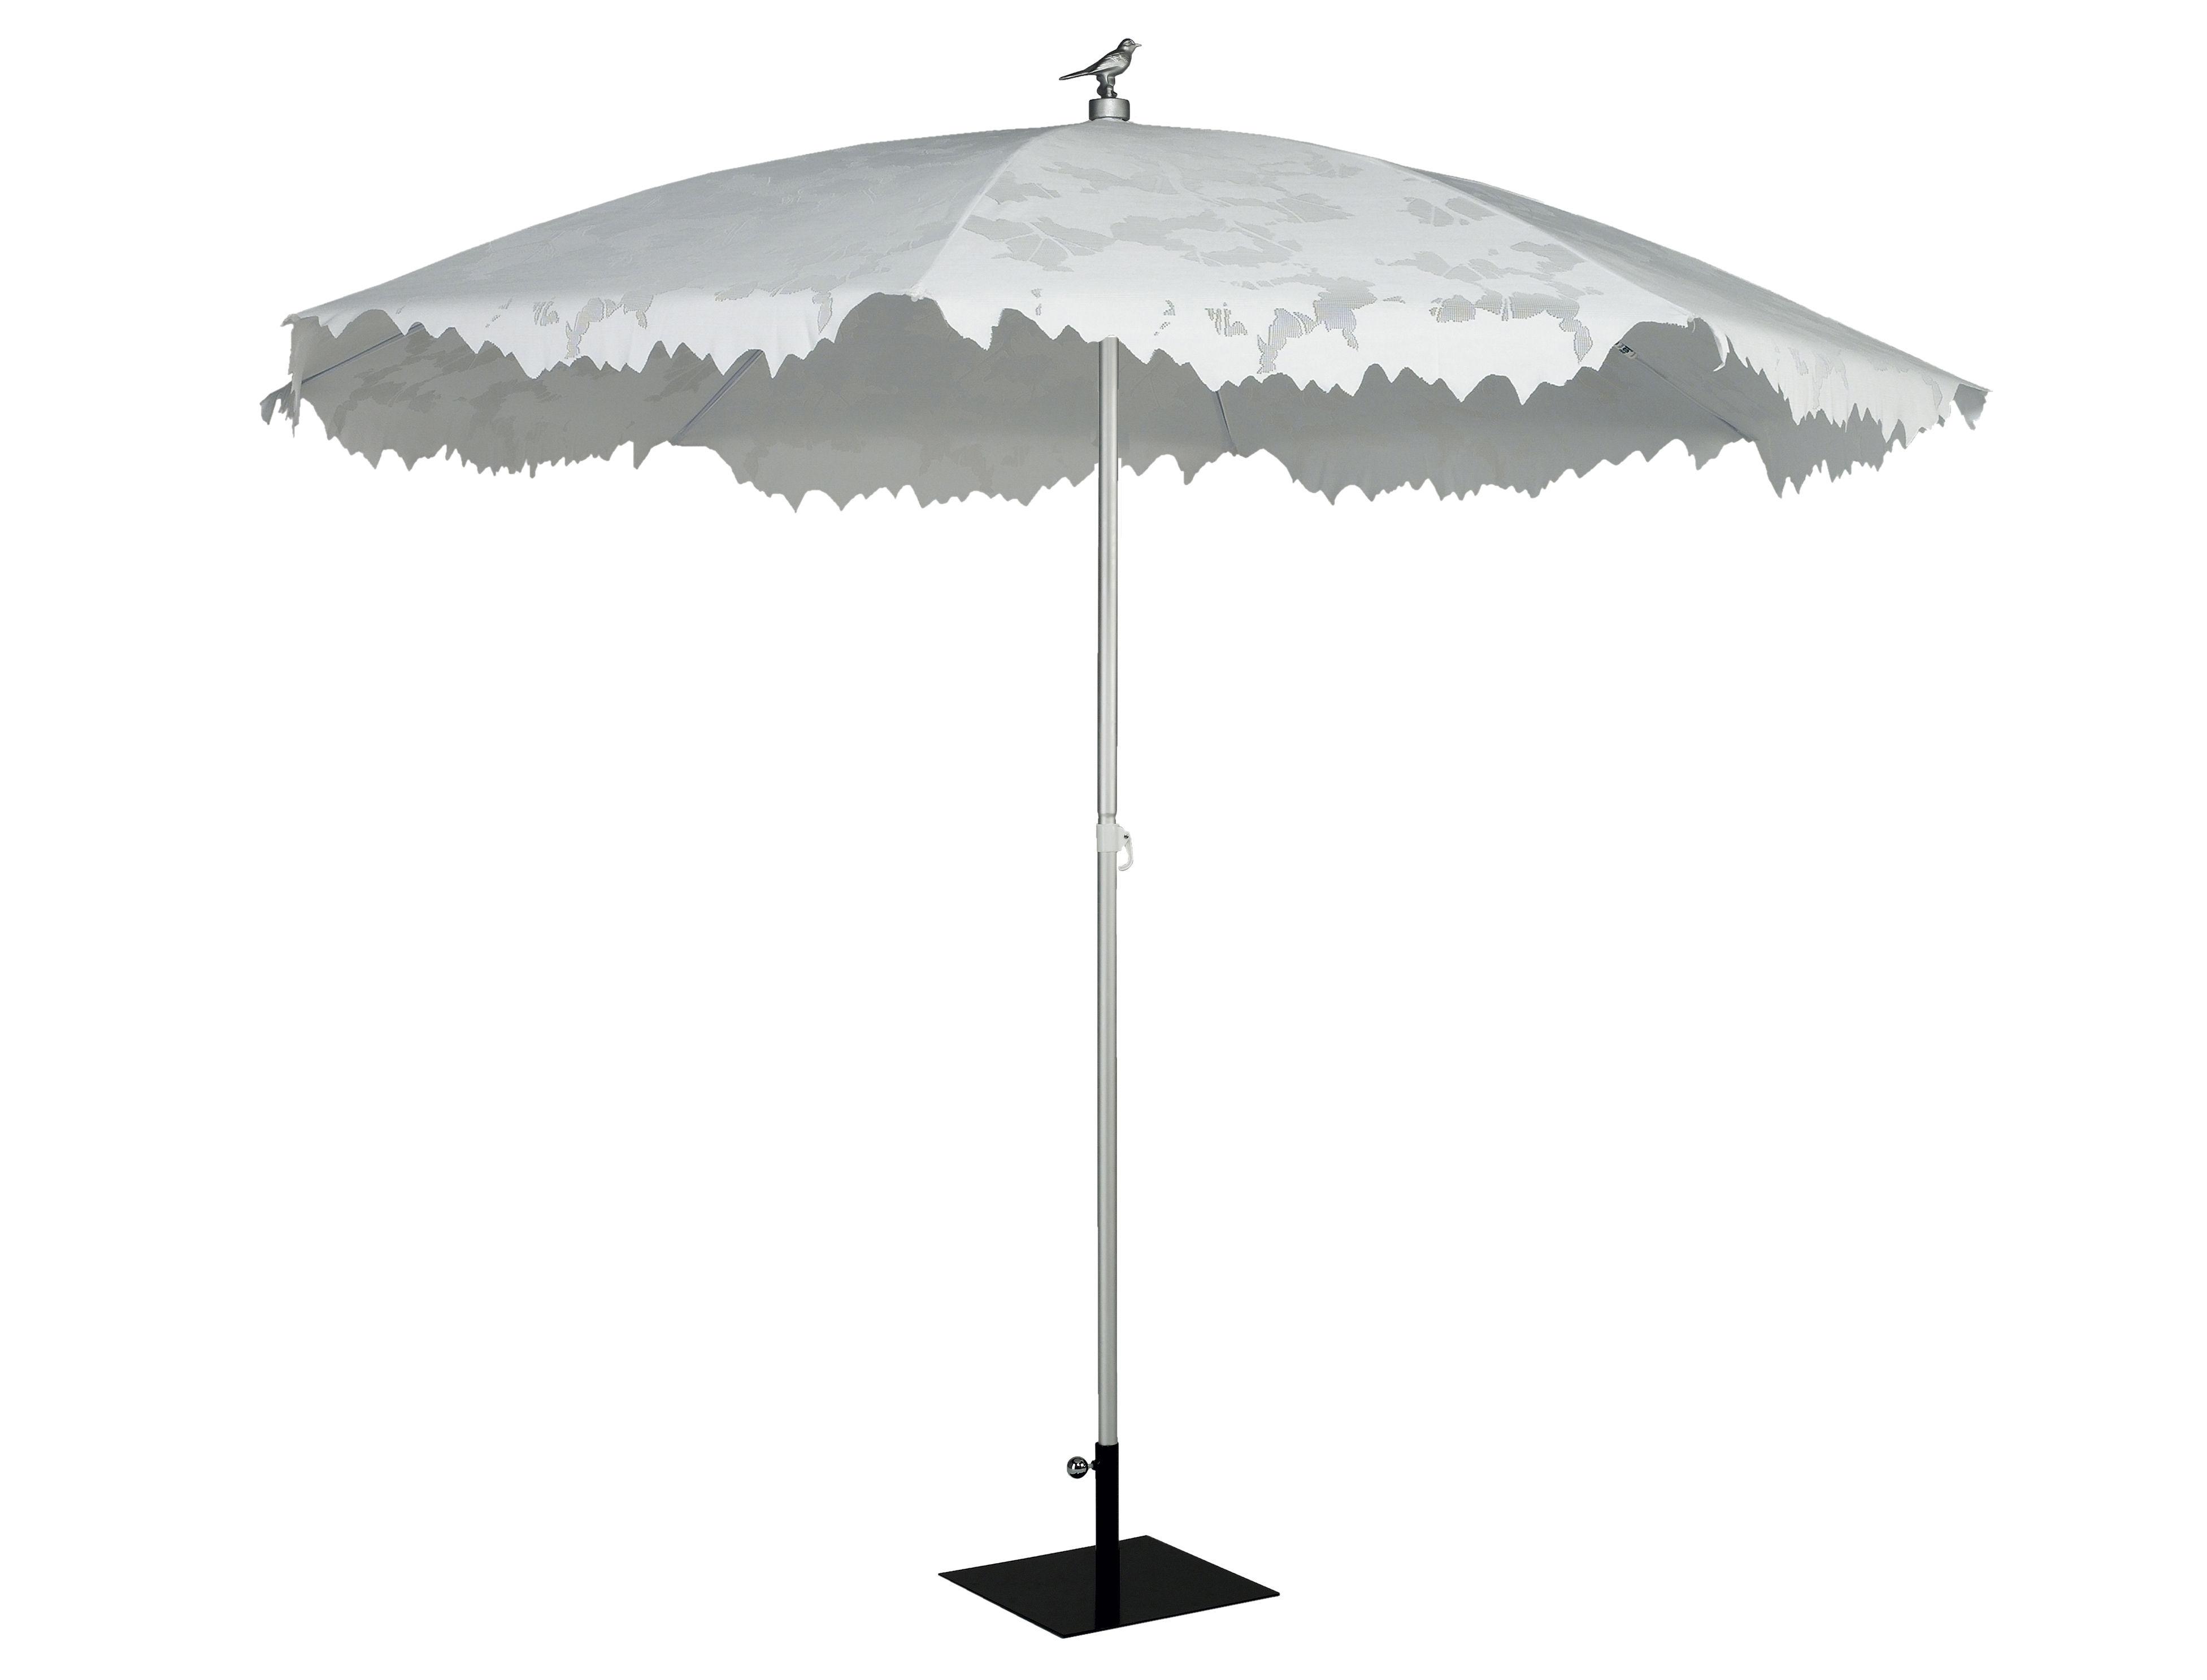 Outdoor - Parasols - Parasol Shadylace XL Ø 350 cm - Symo - Parasol blanc / mât alu / oiseau argent - Aluminium anodisé, Toile polyester